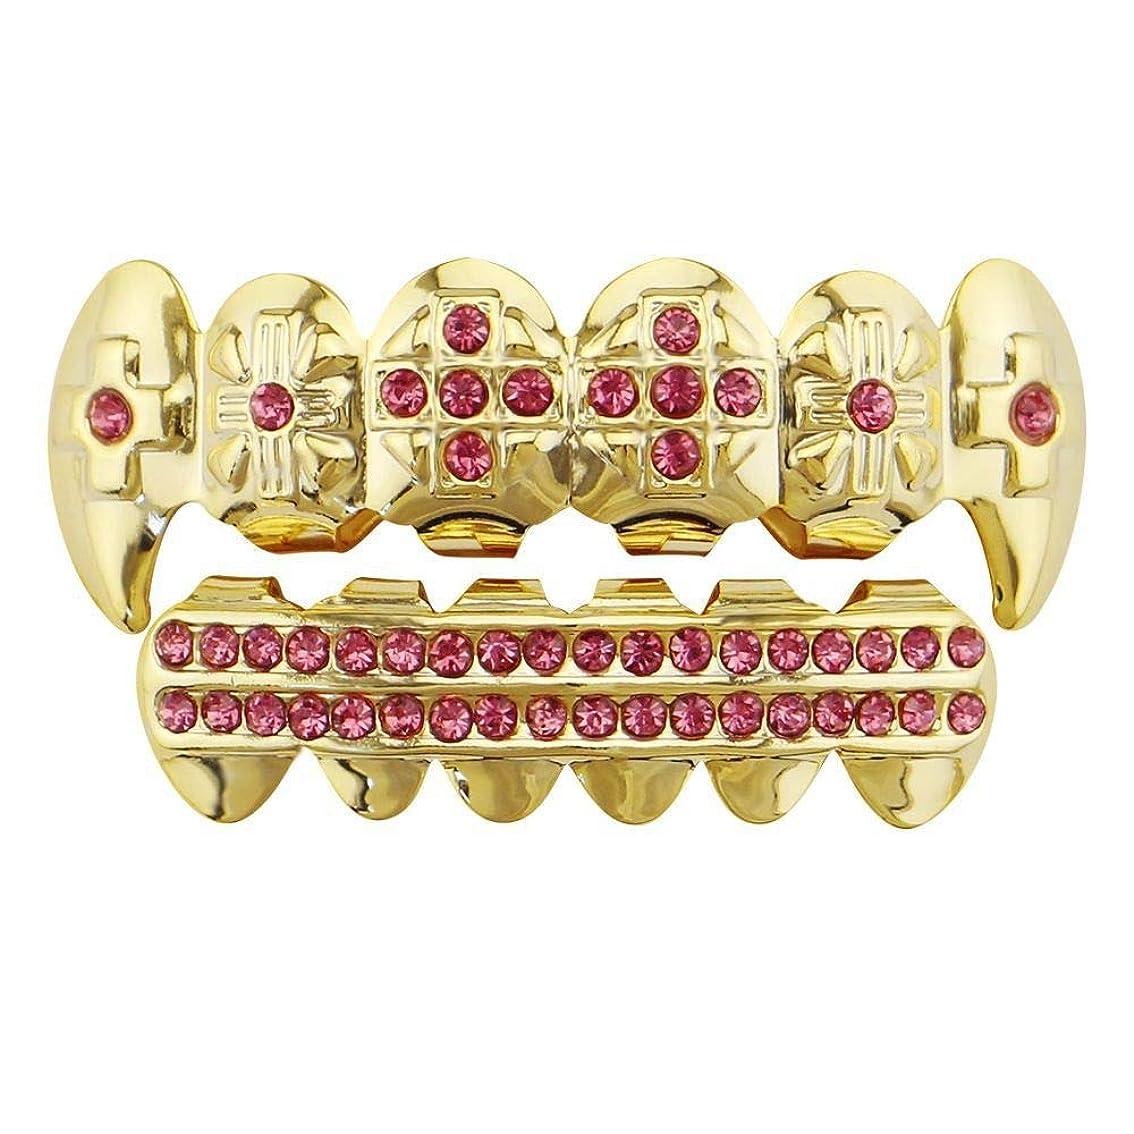 火星シート支店YHDD カラフルなラインストーンゴールドメッキヒップホップの歯のグリル - すべてのタイプの歯のための優れたカット - 上下のグリルセット - ヒップホップのキラキラ (色 : Pink)